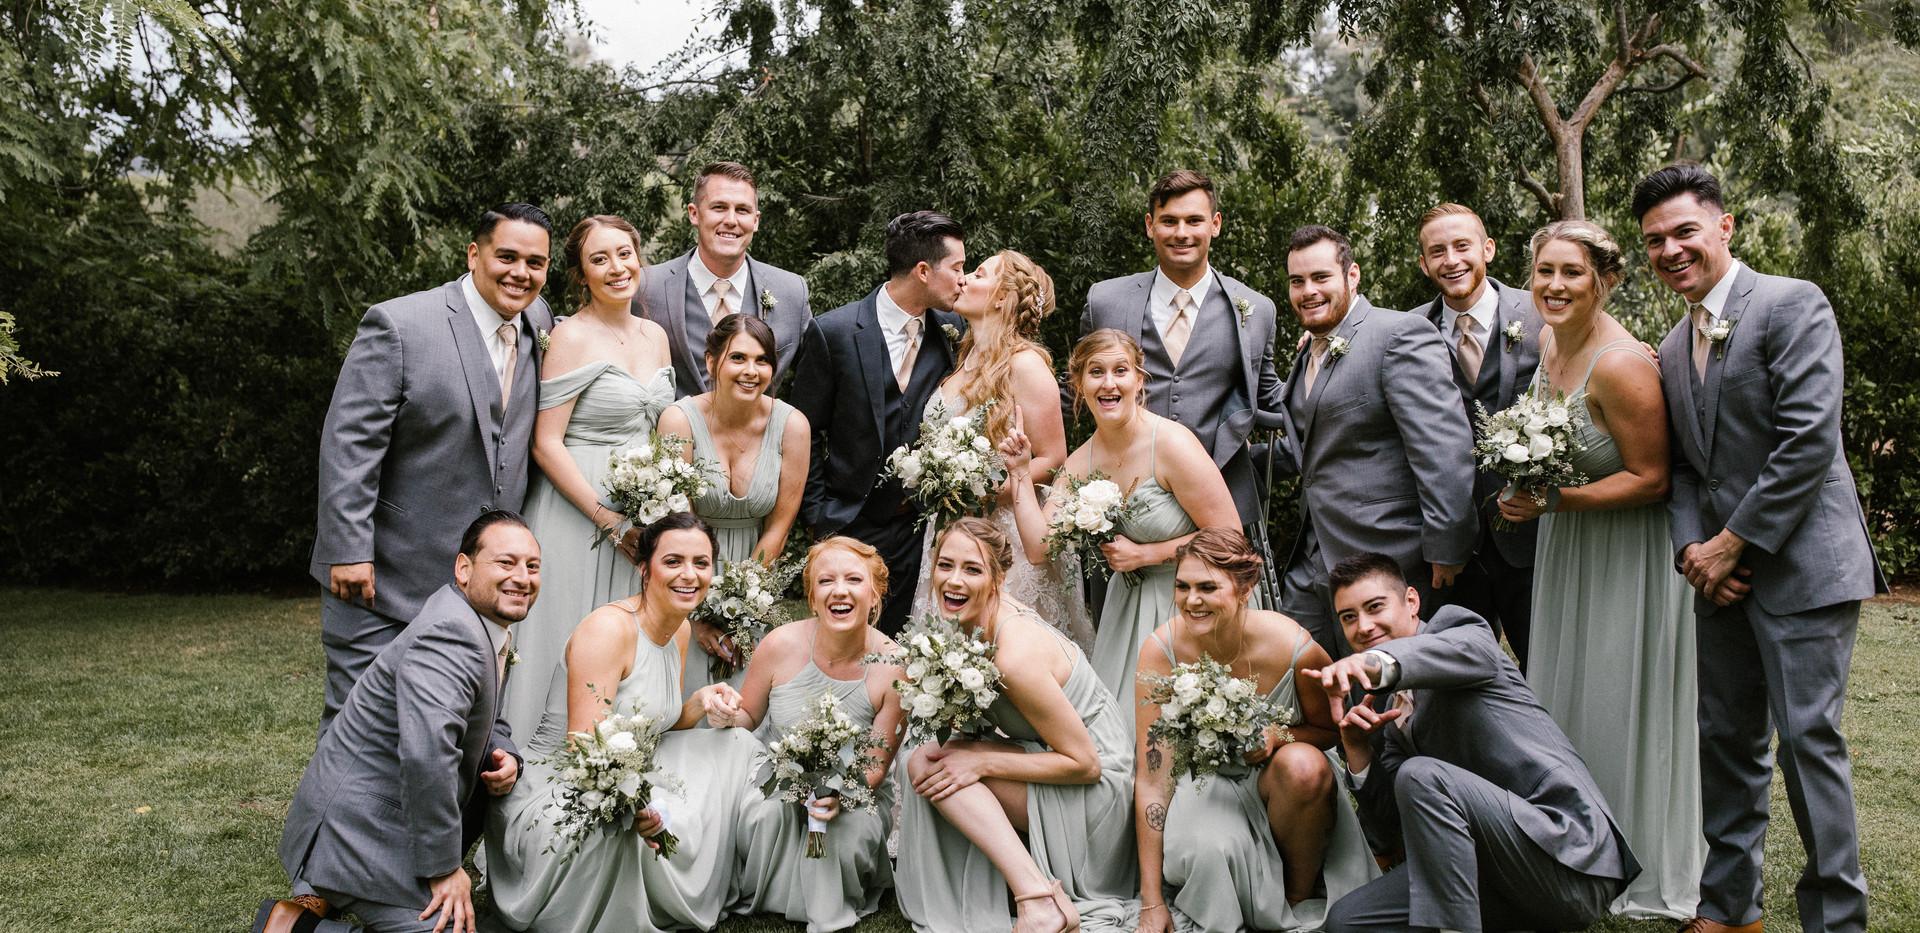 Duffey Wedding